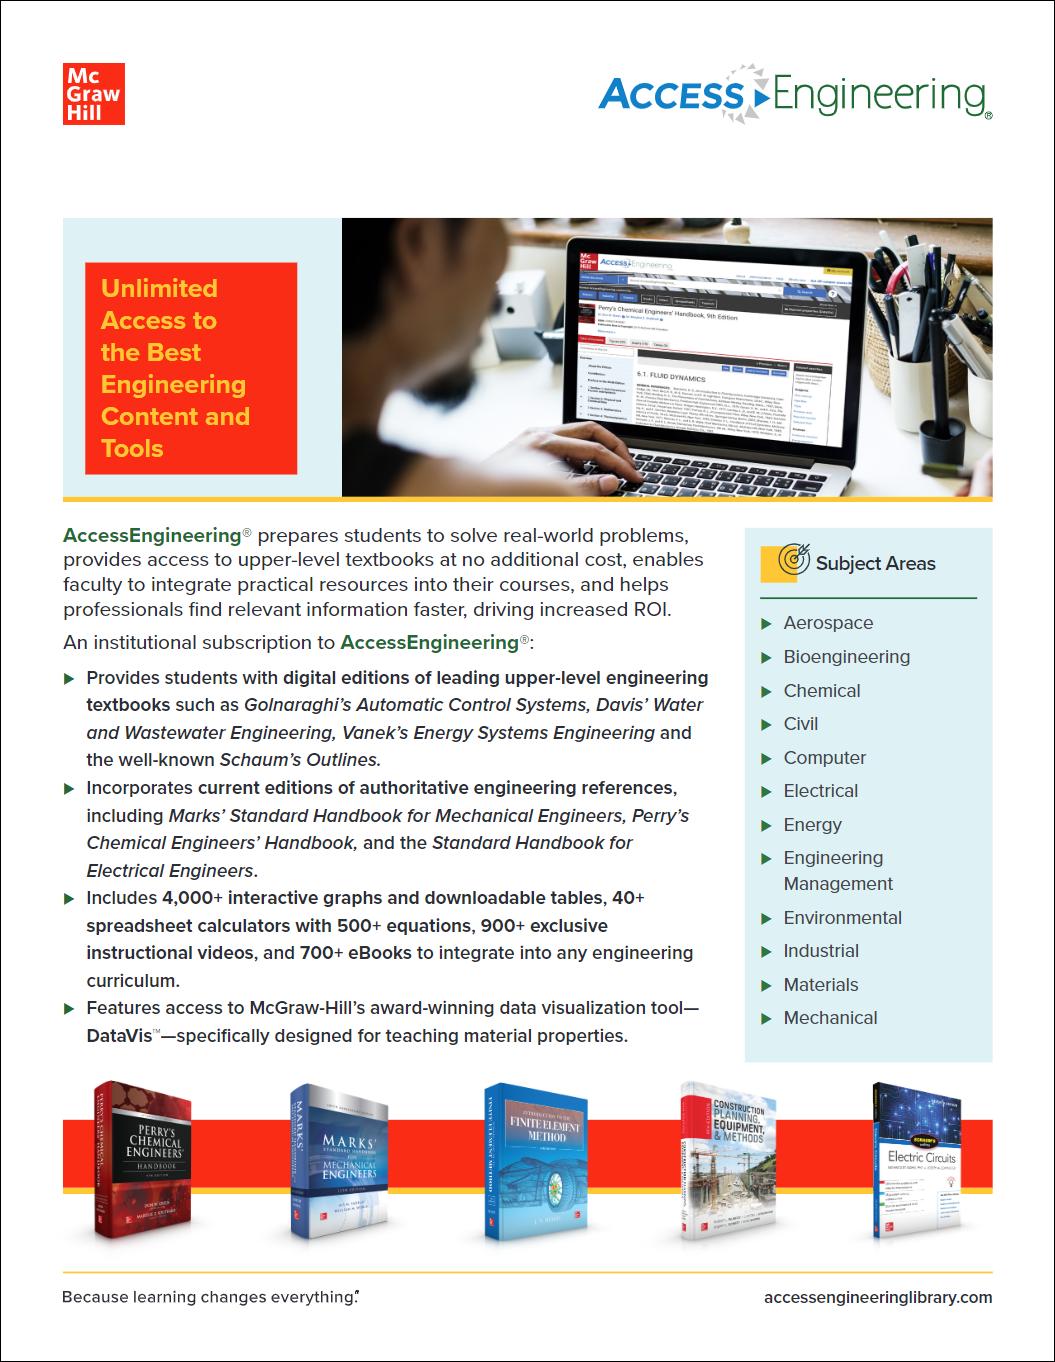 AccessEngineering brochure